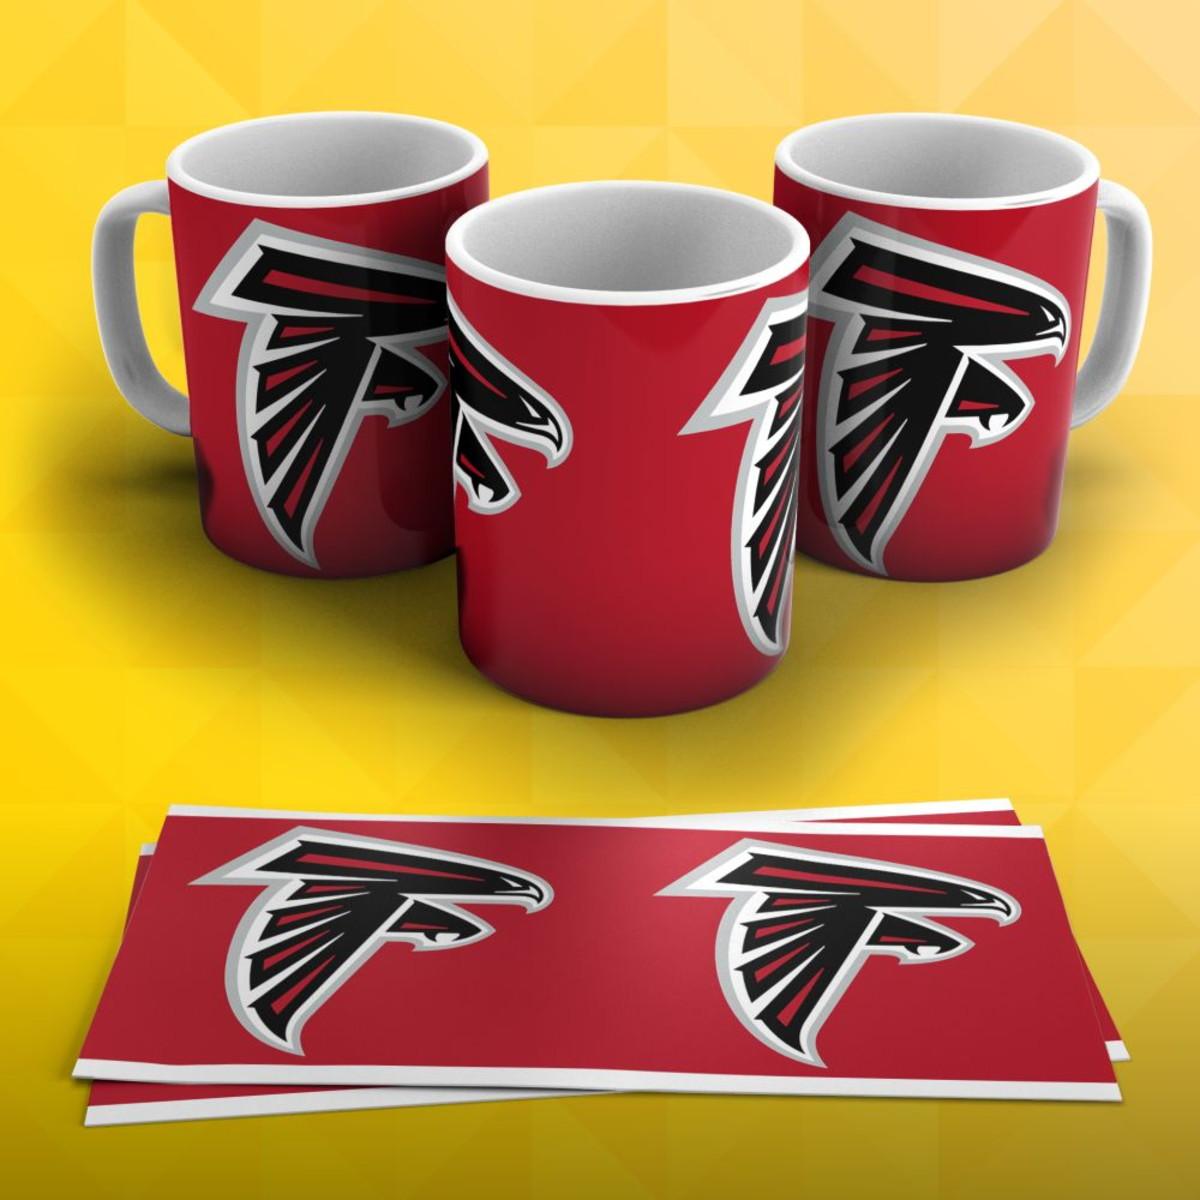 70ce9372c0 Caneca Futebol Americano NFL Atlanta Falcons no Elo7